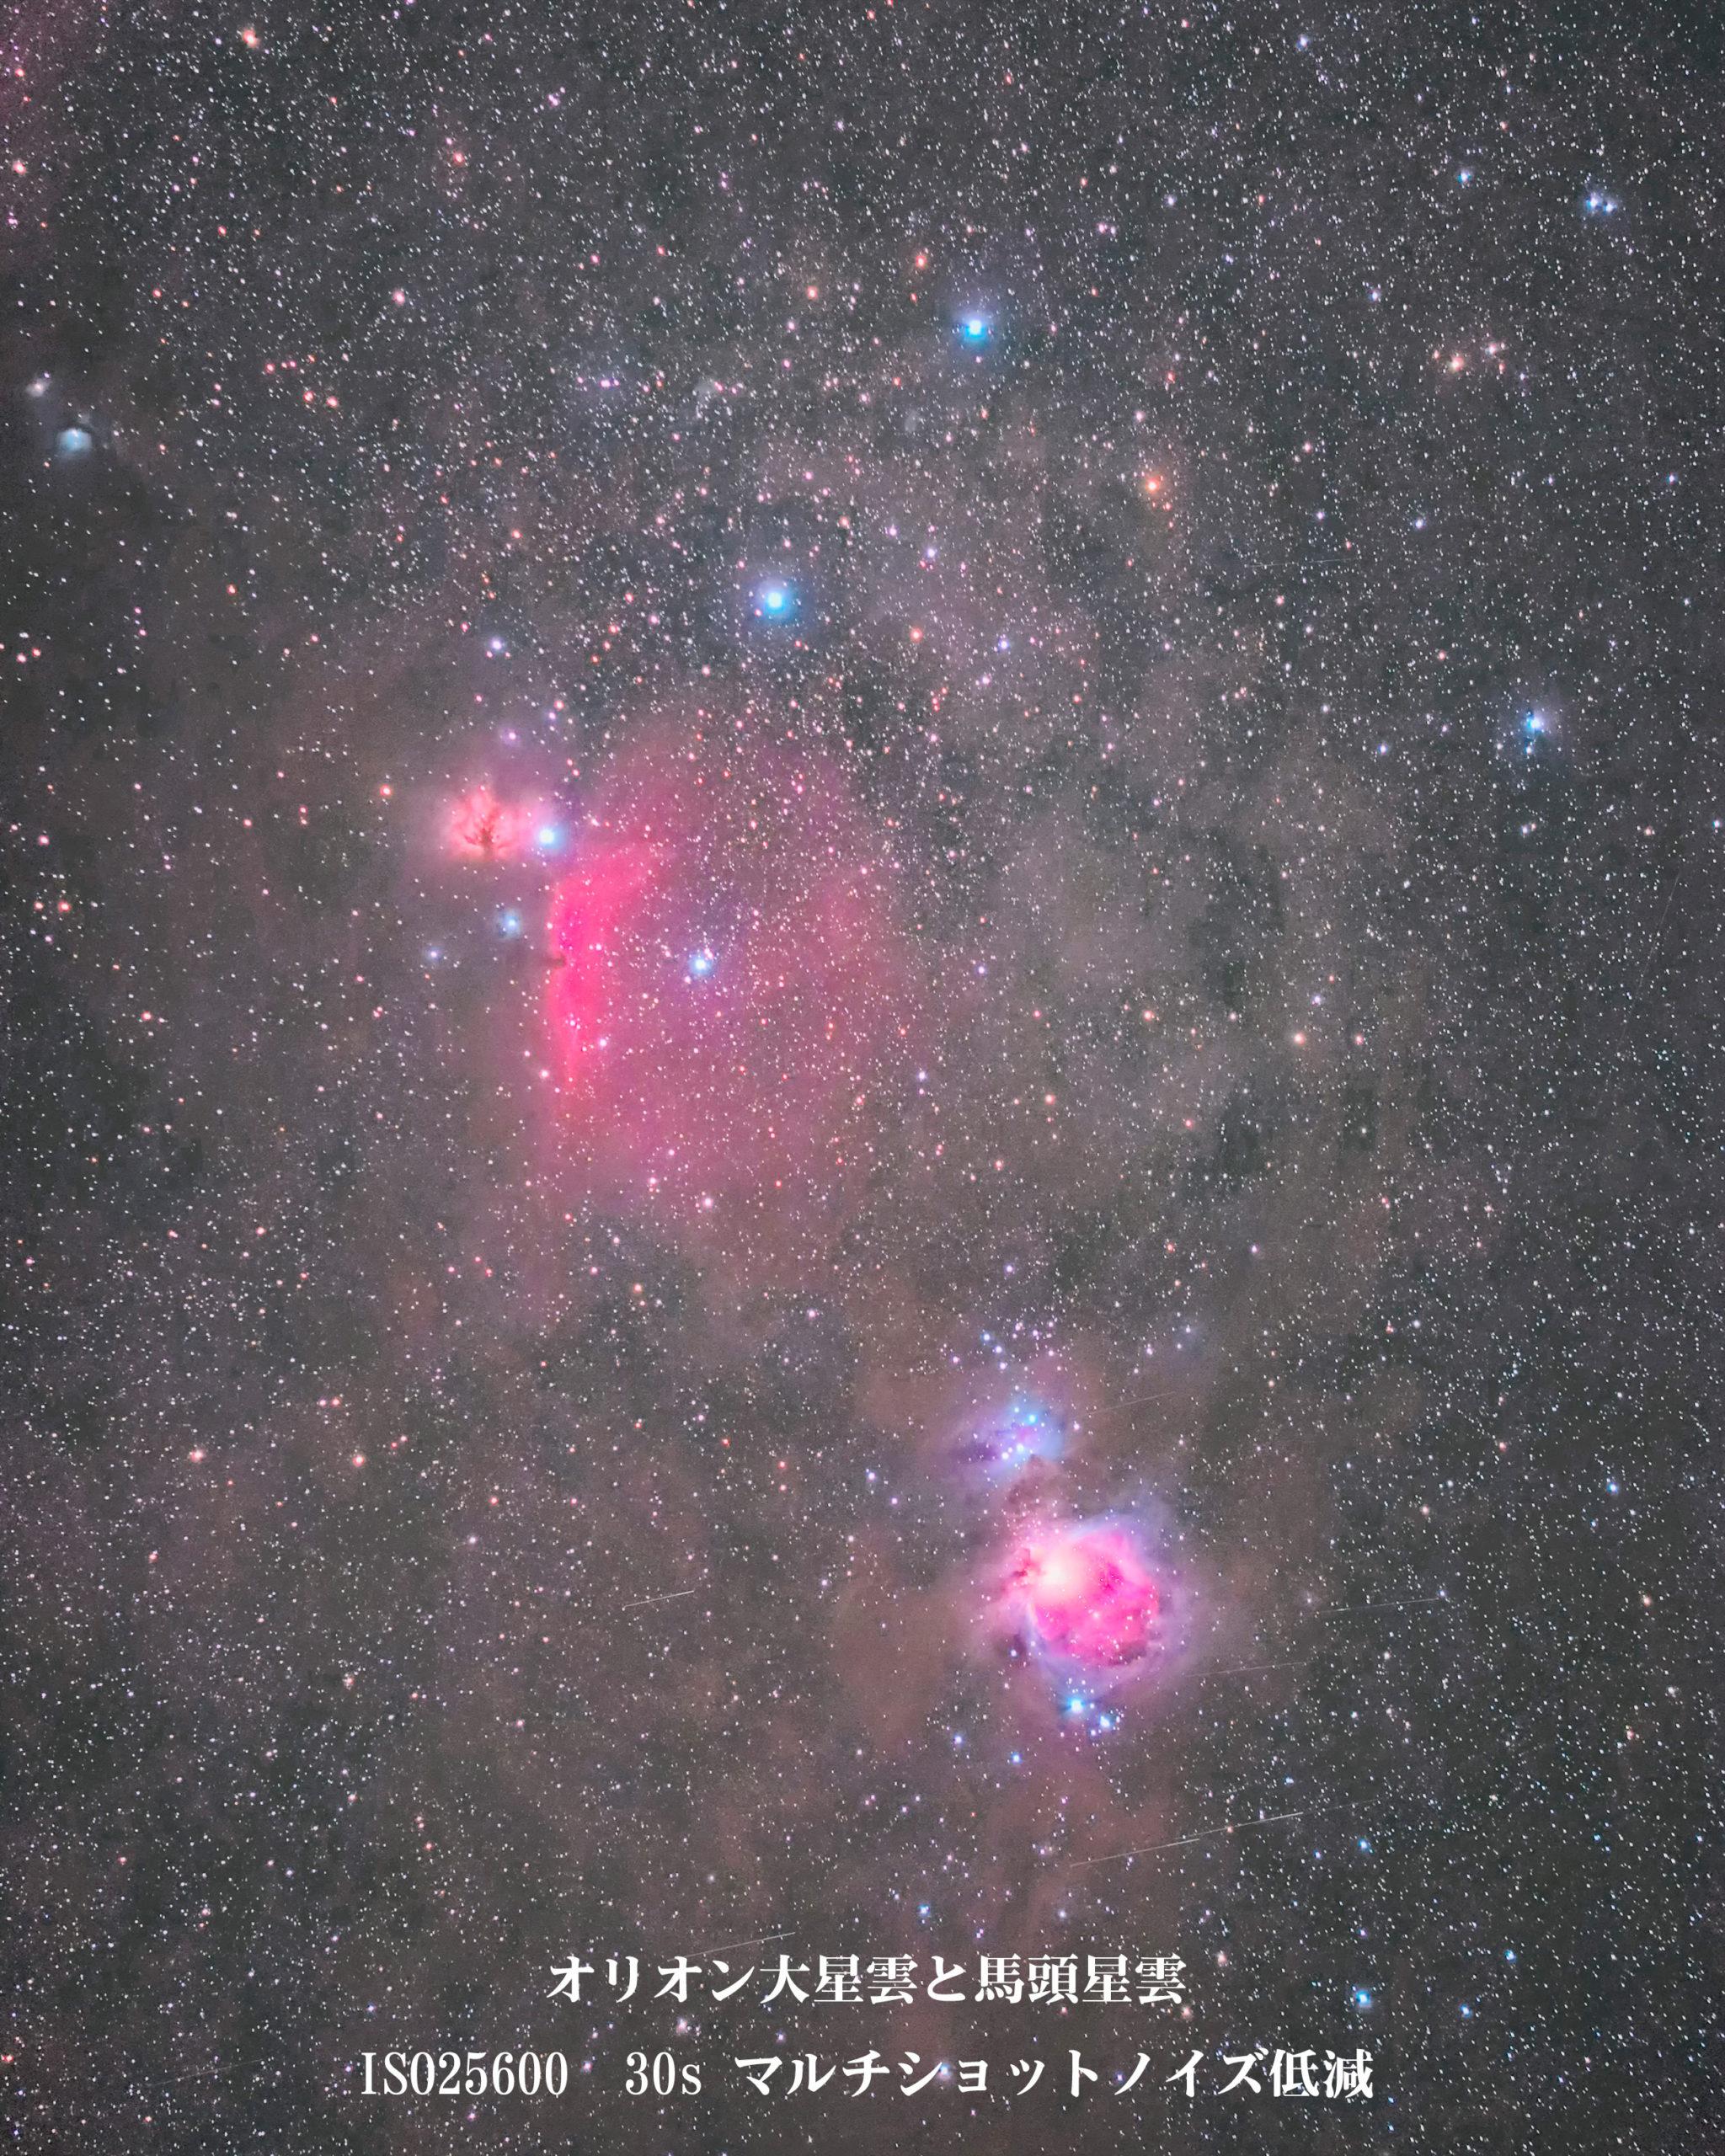 キヤノン 天体撮影用カメラ EOS Ra 機材レビューと撮影データダウンロード